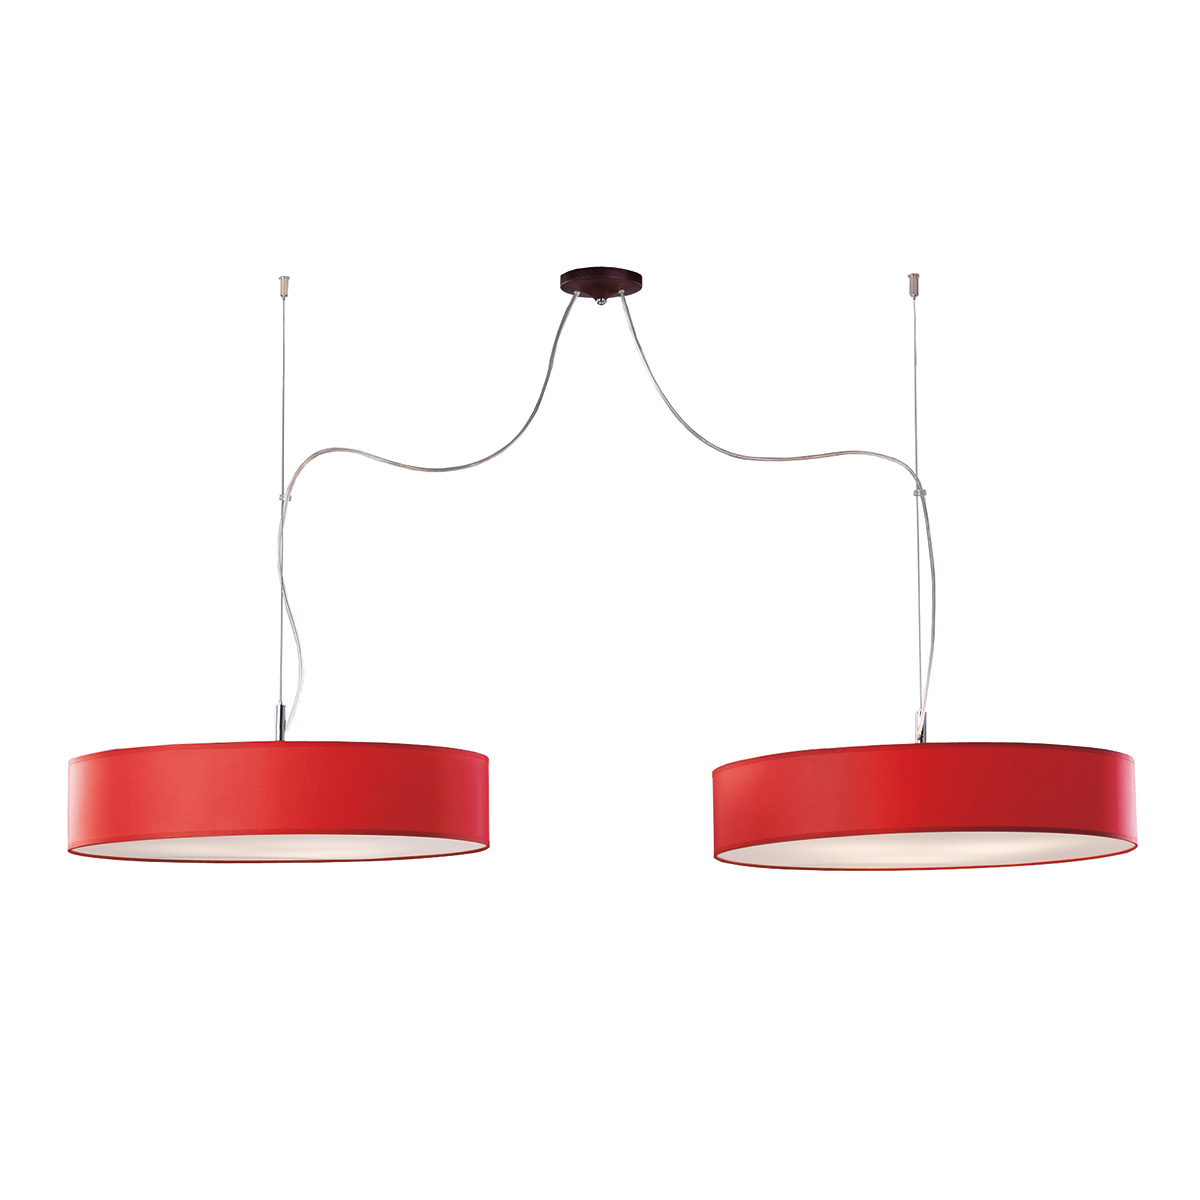 Δίφωτο κόκκινο κρεμαστό φωτιστικό DISCO ZEN red hanging lamp